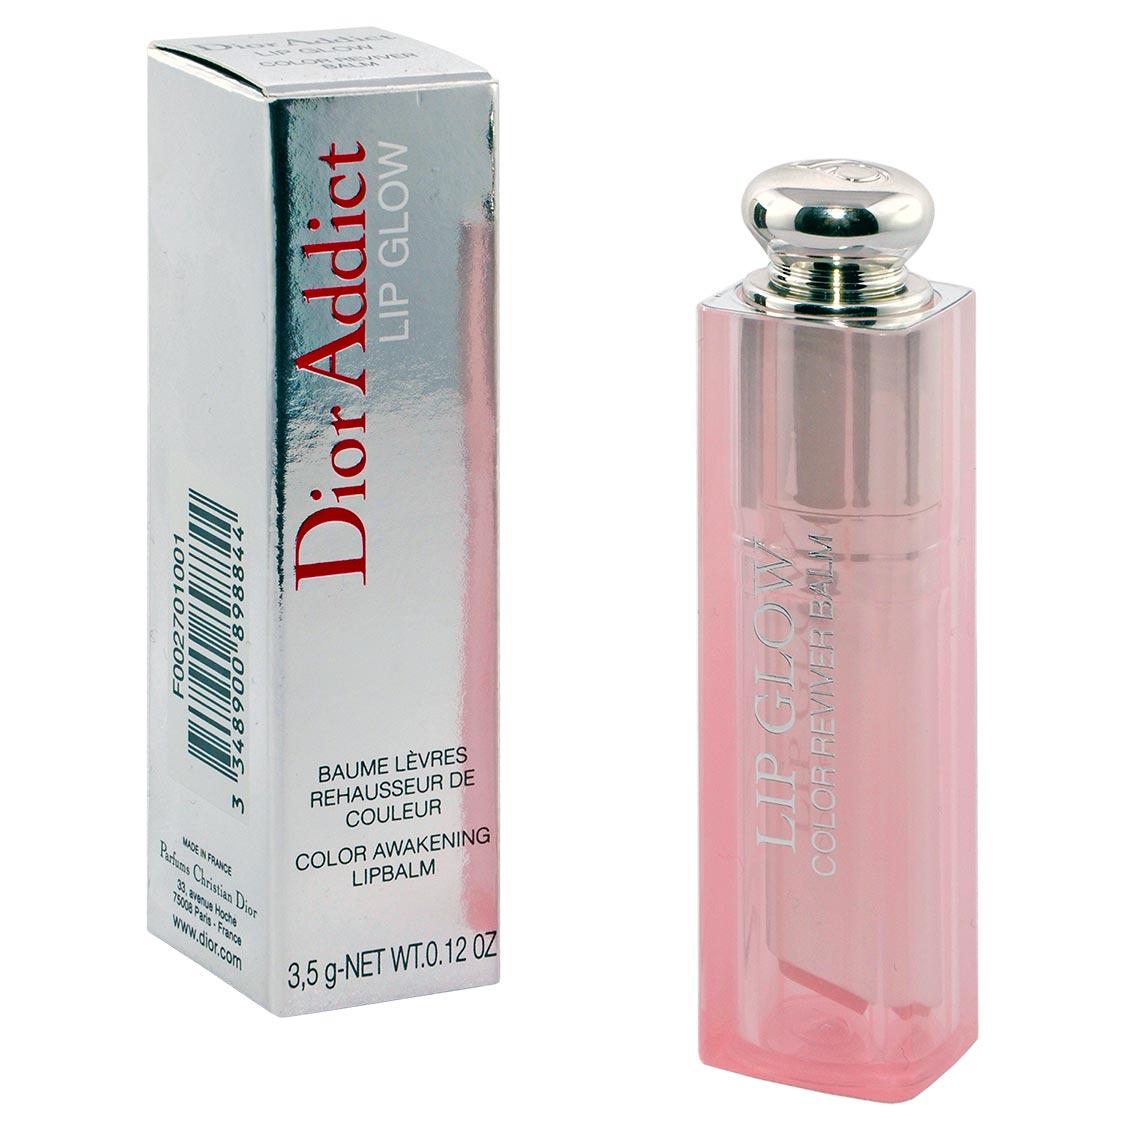 Der Dior Addict Lip Glow mit Verpackung